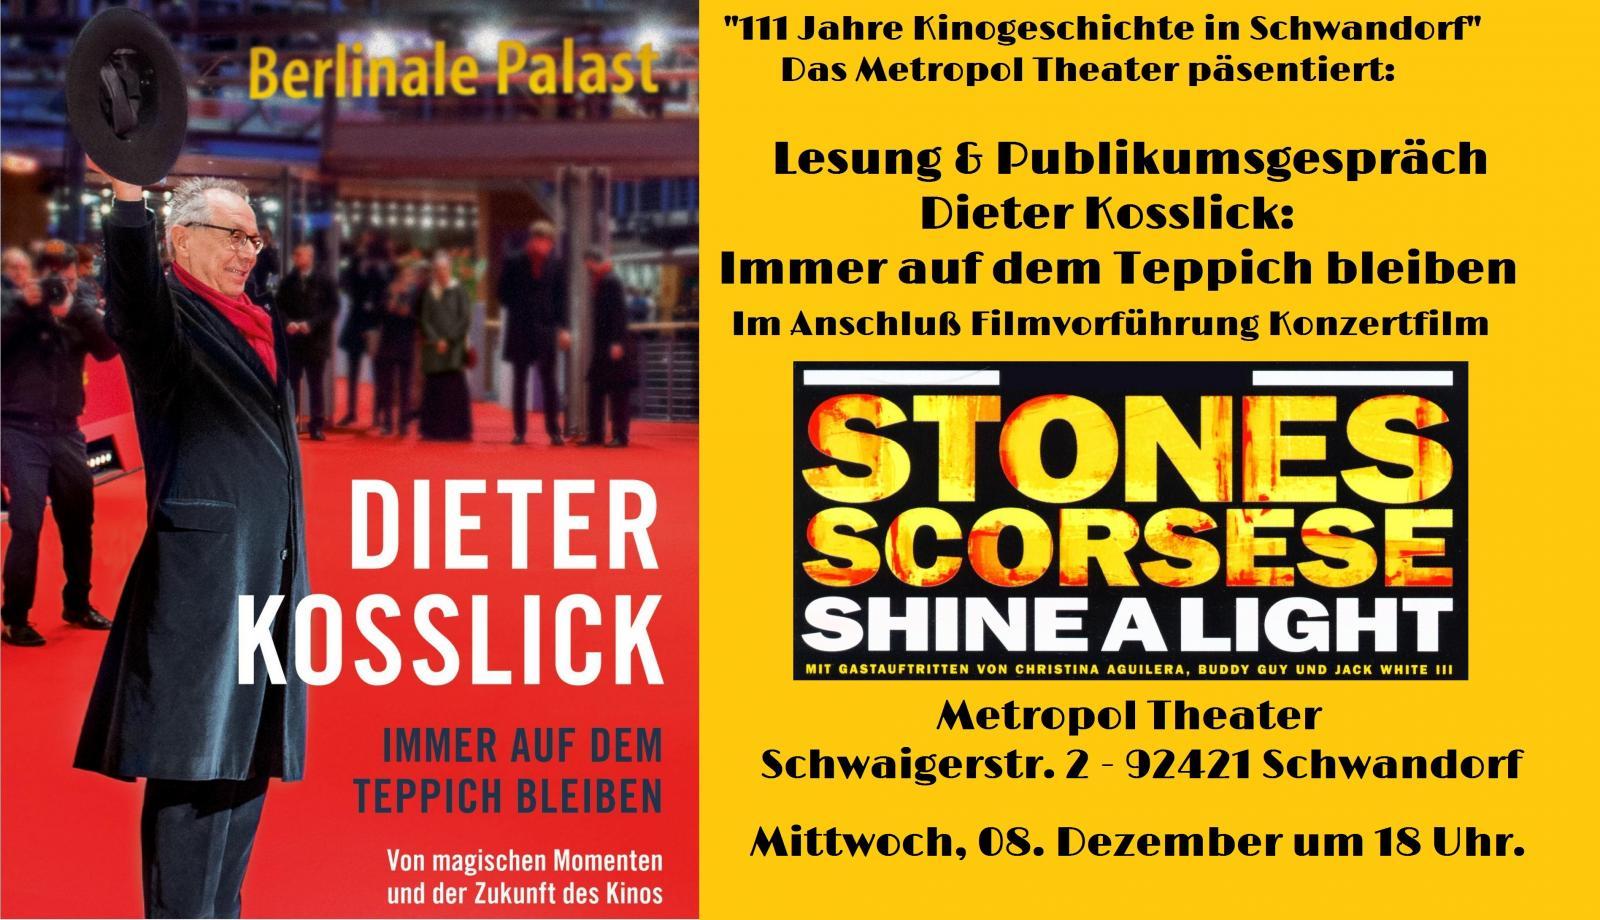 111 Jahre Kinogeschichte in Schwandorf: Lesung und Publikumsgespräch mit Dieter Kosslick